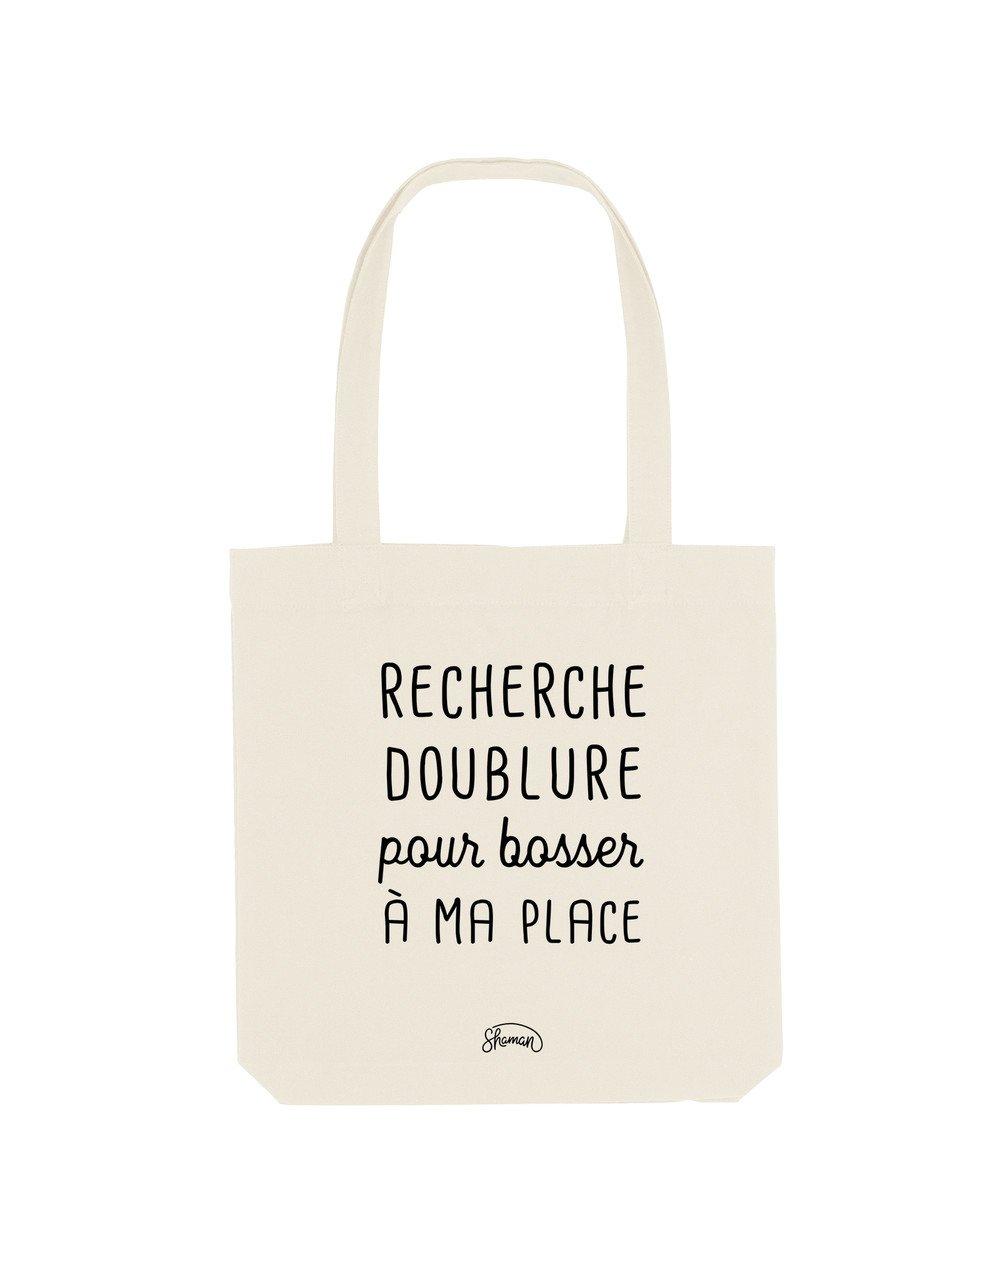 RECHERCHE DOUBLURE - Tote Bag  Natural  en coton